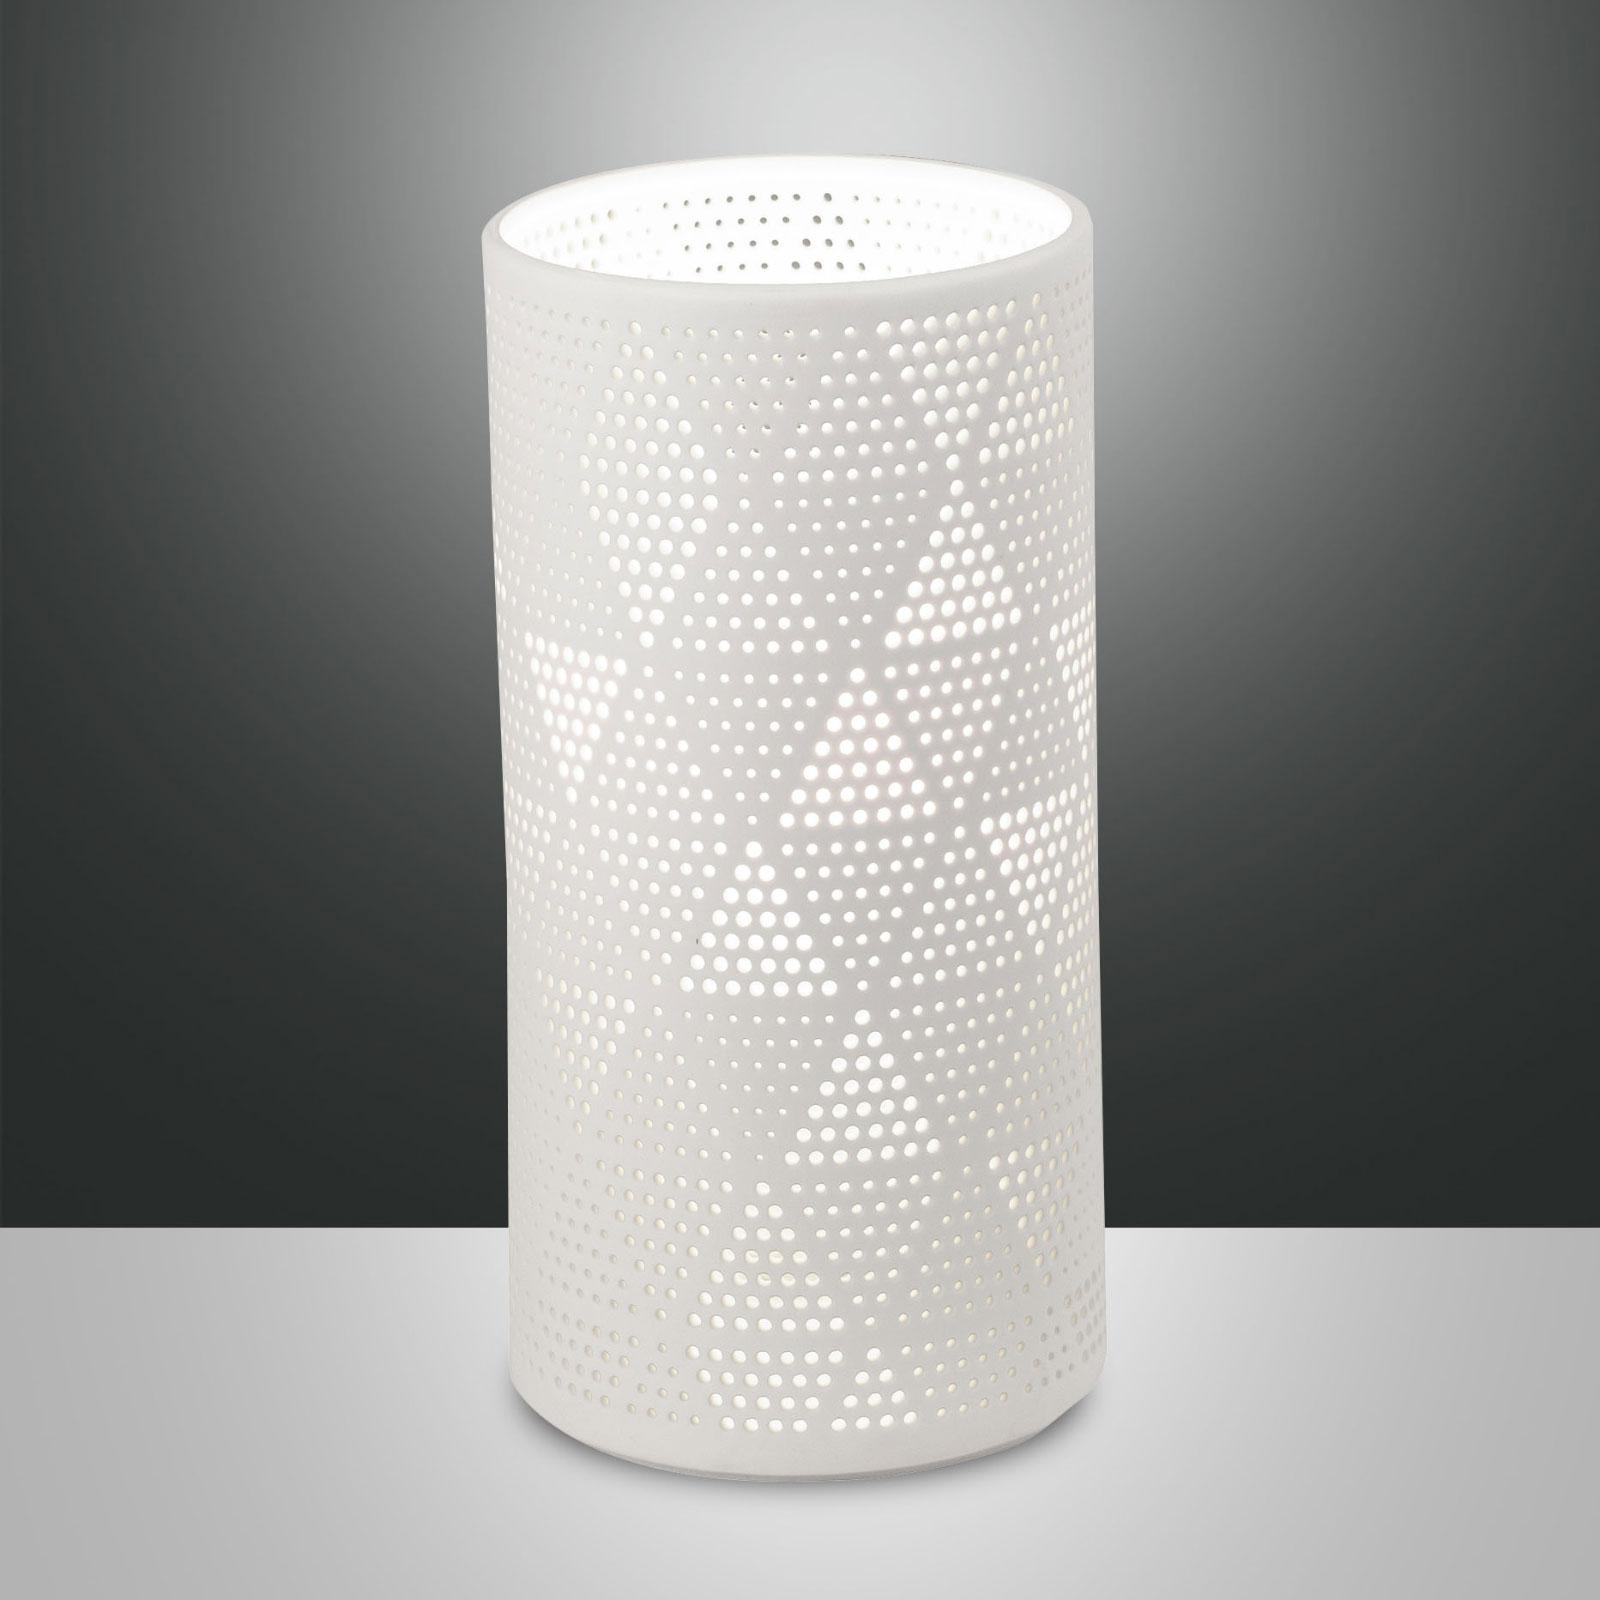 Lampa stołowa Micol z ceramiki, wysokość 20 cm